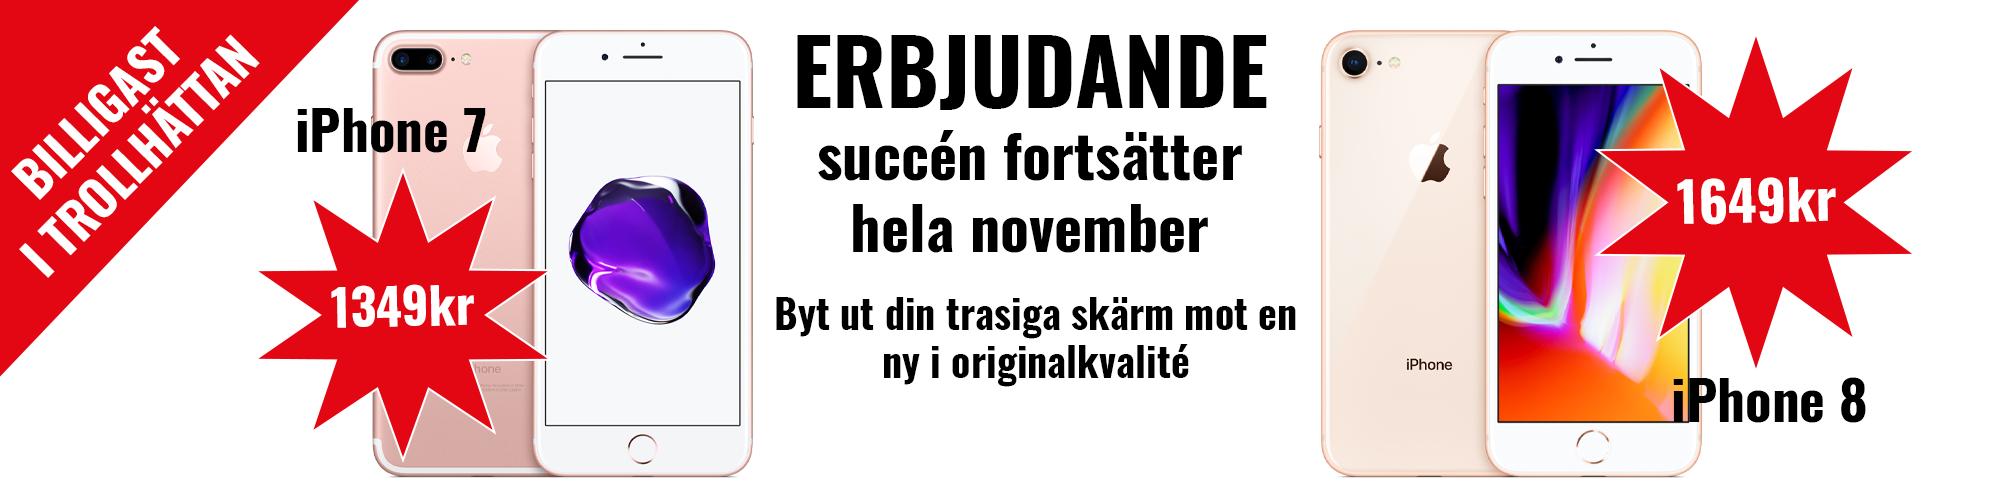 Erbjudande iphon7 och iphone 8 hos Mediatel i Trollhättan